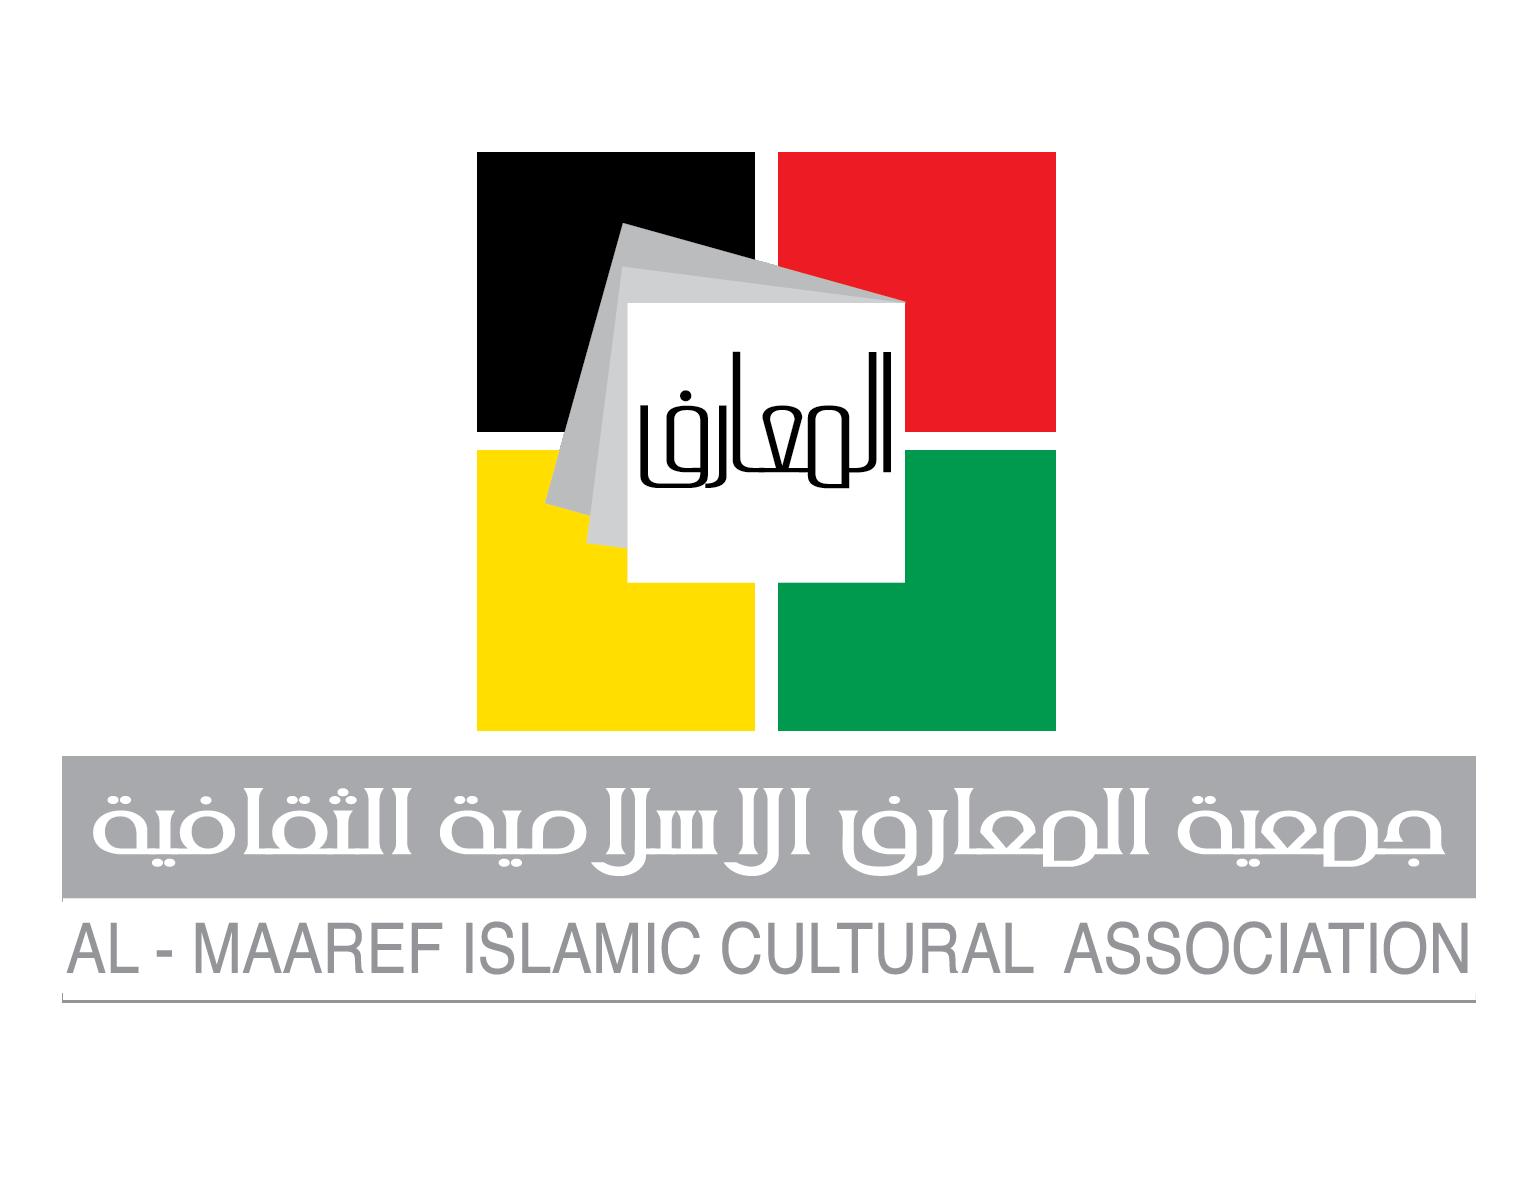 جمعية المعارف الاسلامية الثقافية